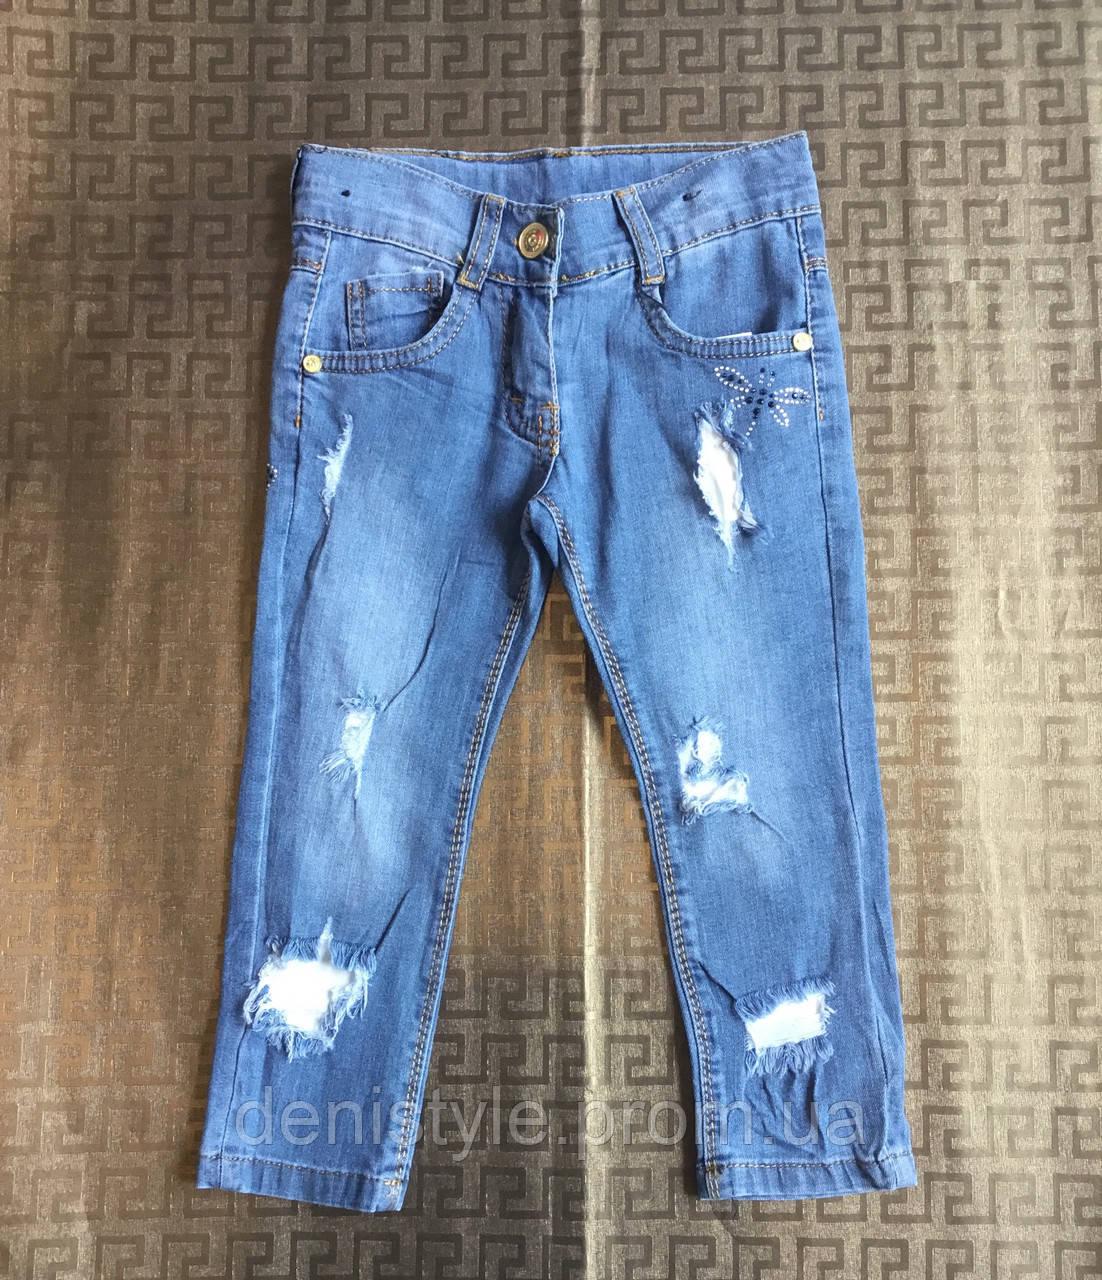 bbef778ad0570 Детские джинсы рванка для девочек Sercino р-р 3-7 лет: продажа, цена ...